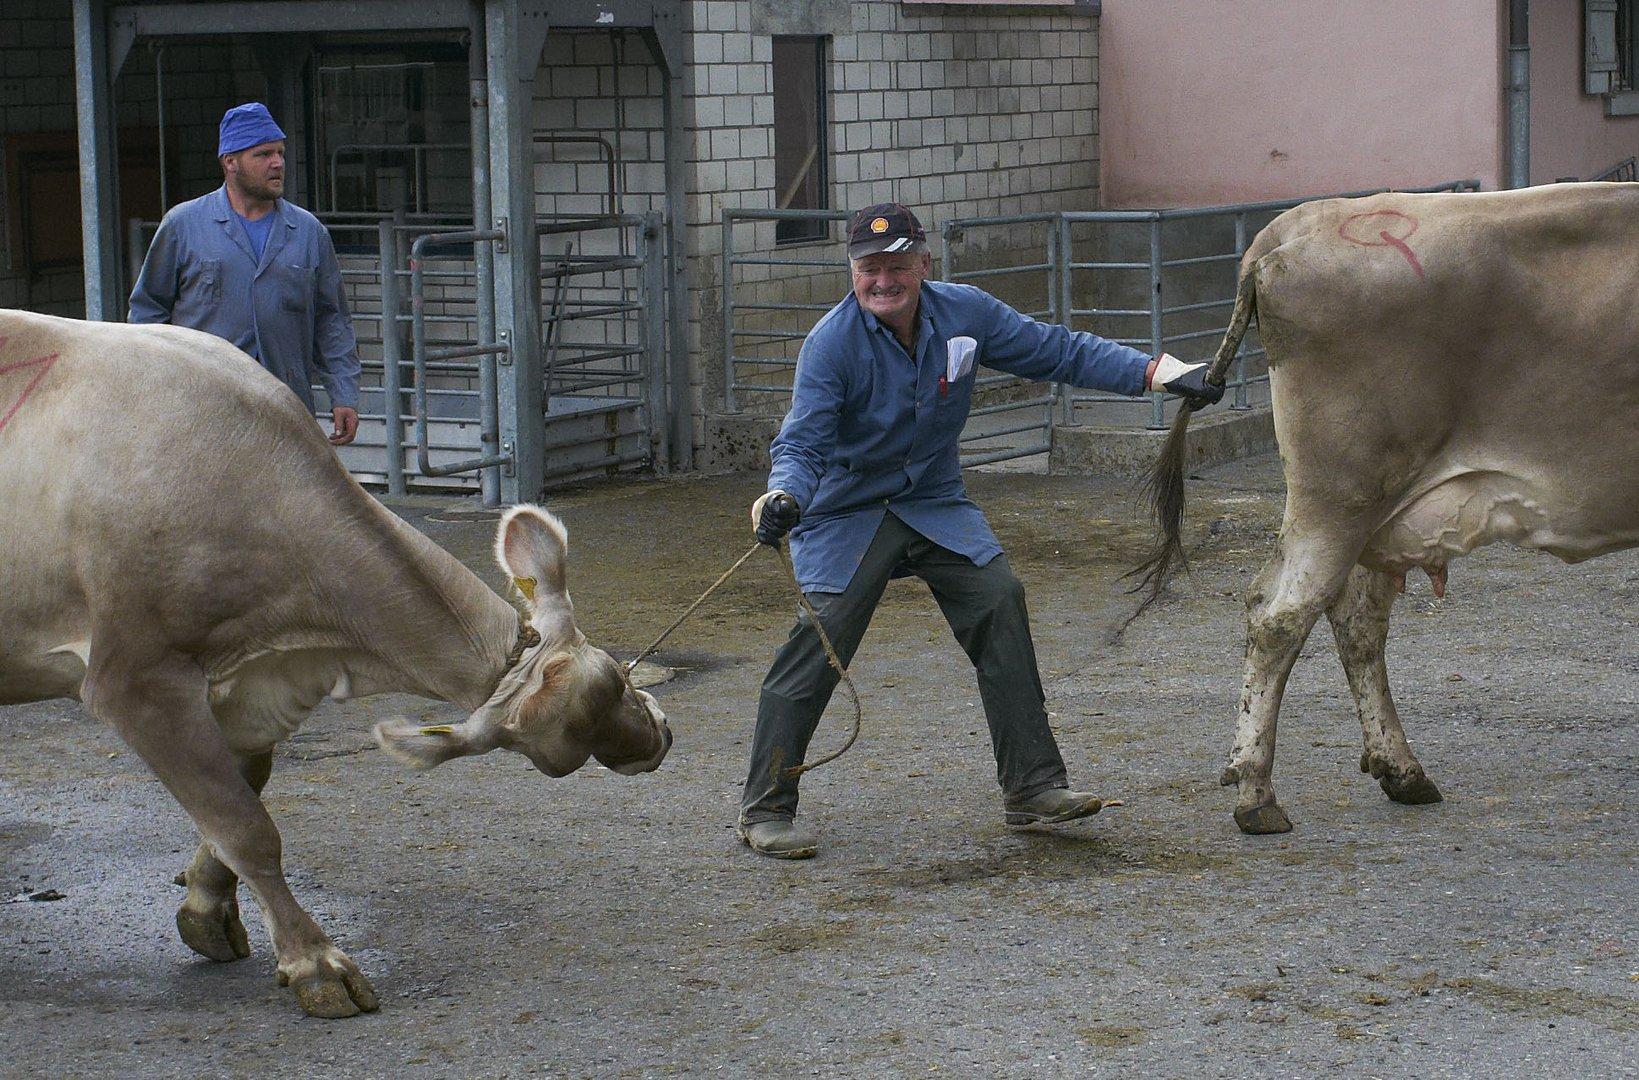 Viehmarkt in Sarnen oder Zähmung der Wiederspenstigen 2